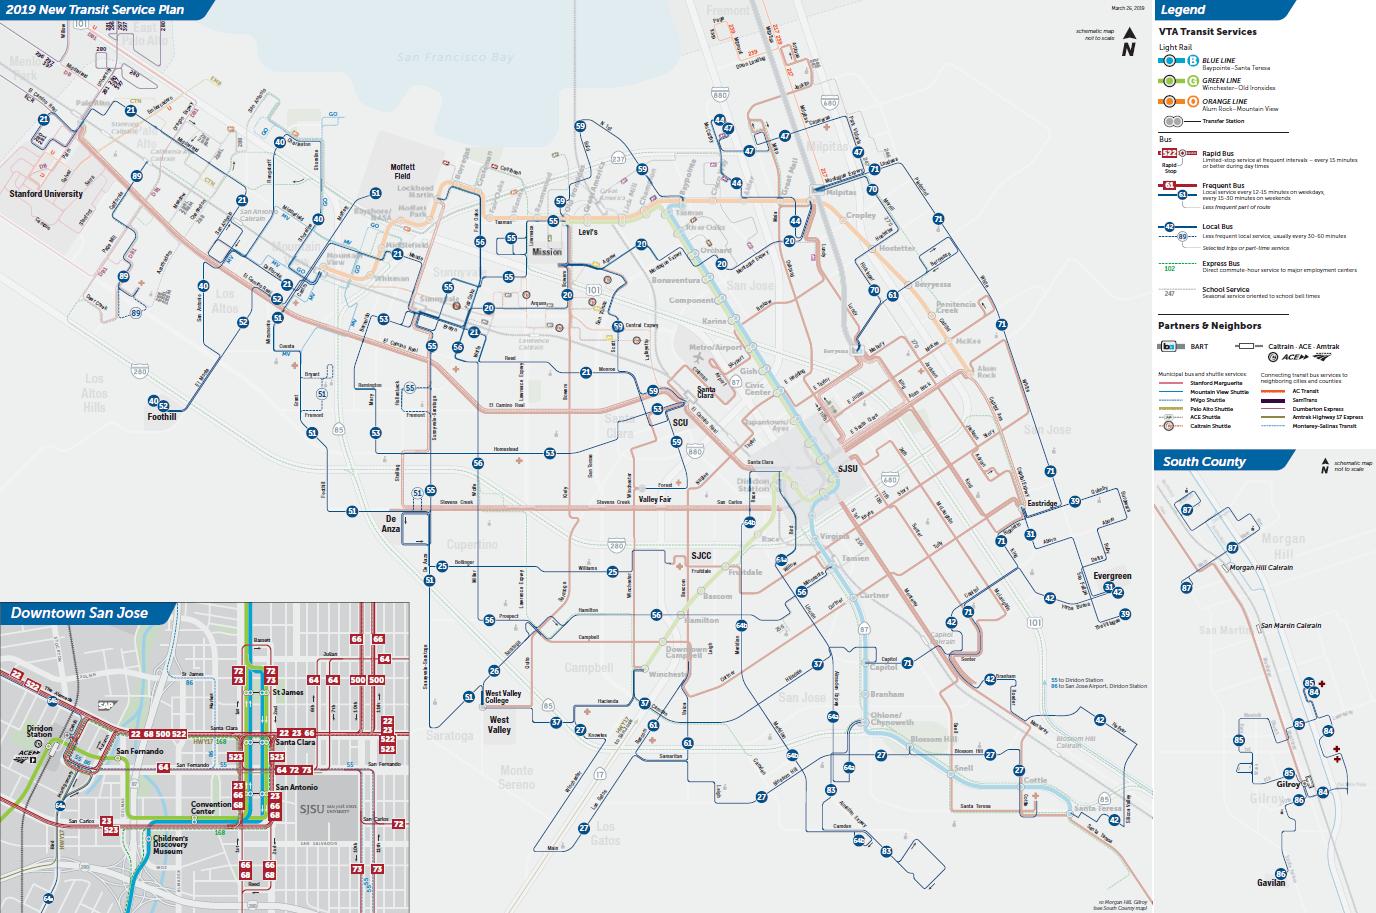 Mapa de rutas locales del Nuevo Plan de Servicio de Transporte Público de 2019 definitivo  (PDF)